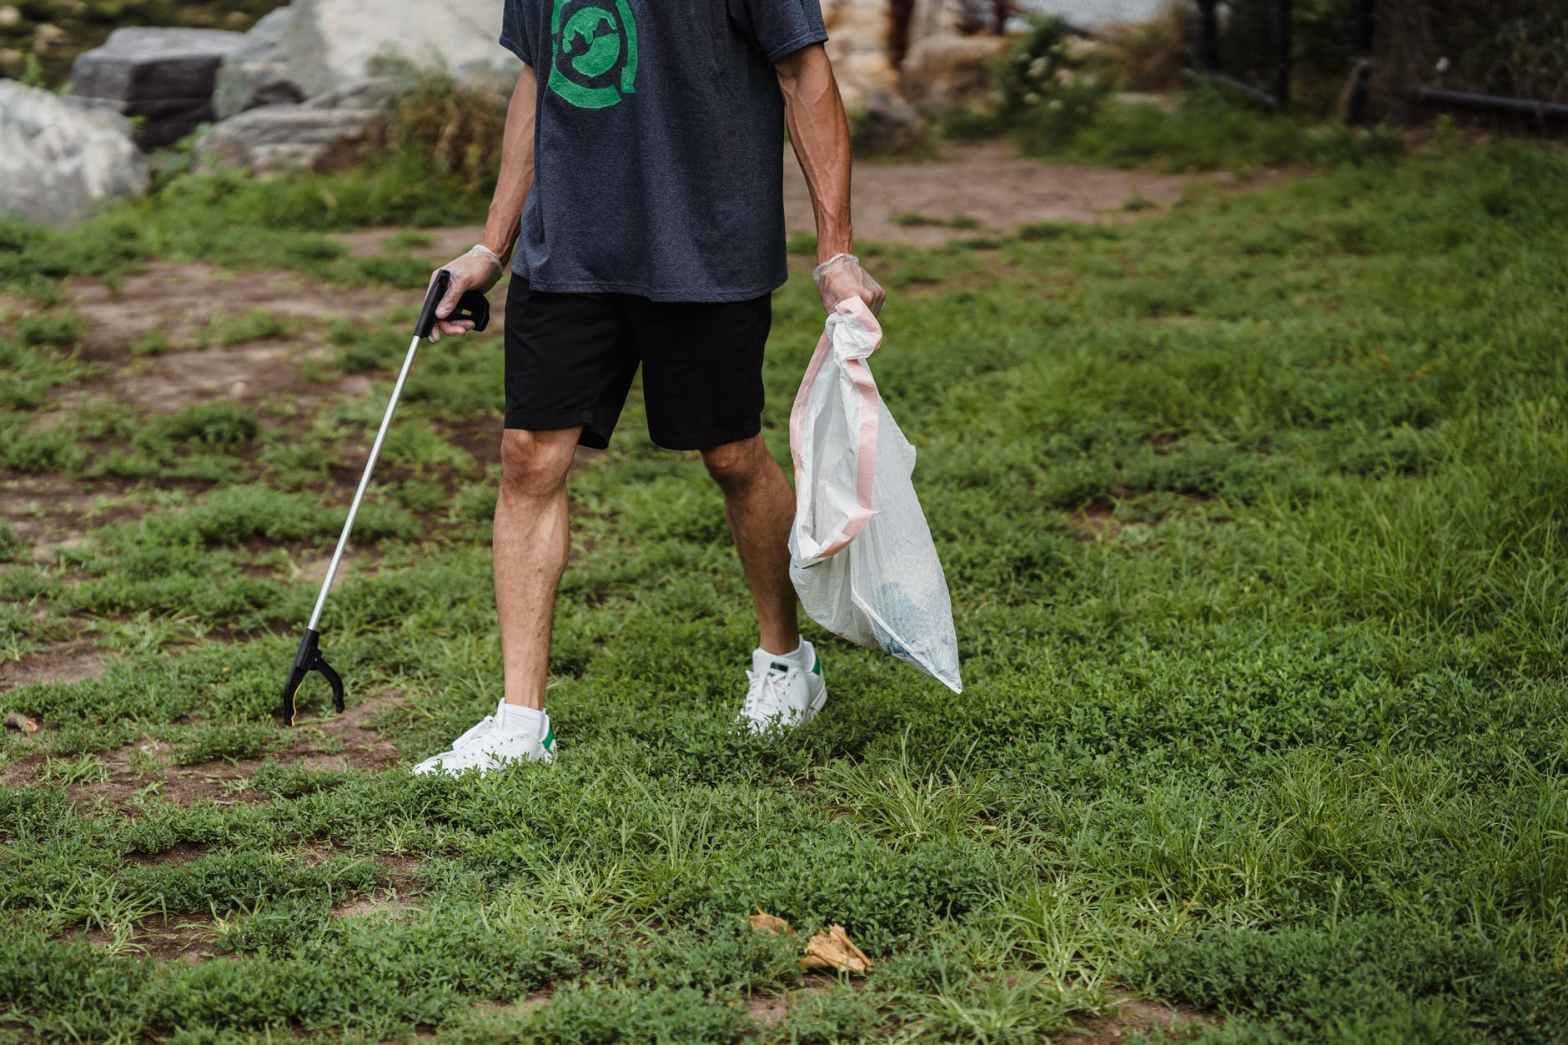 man shorts grass outdoors